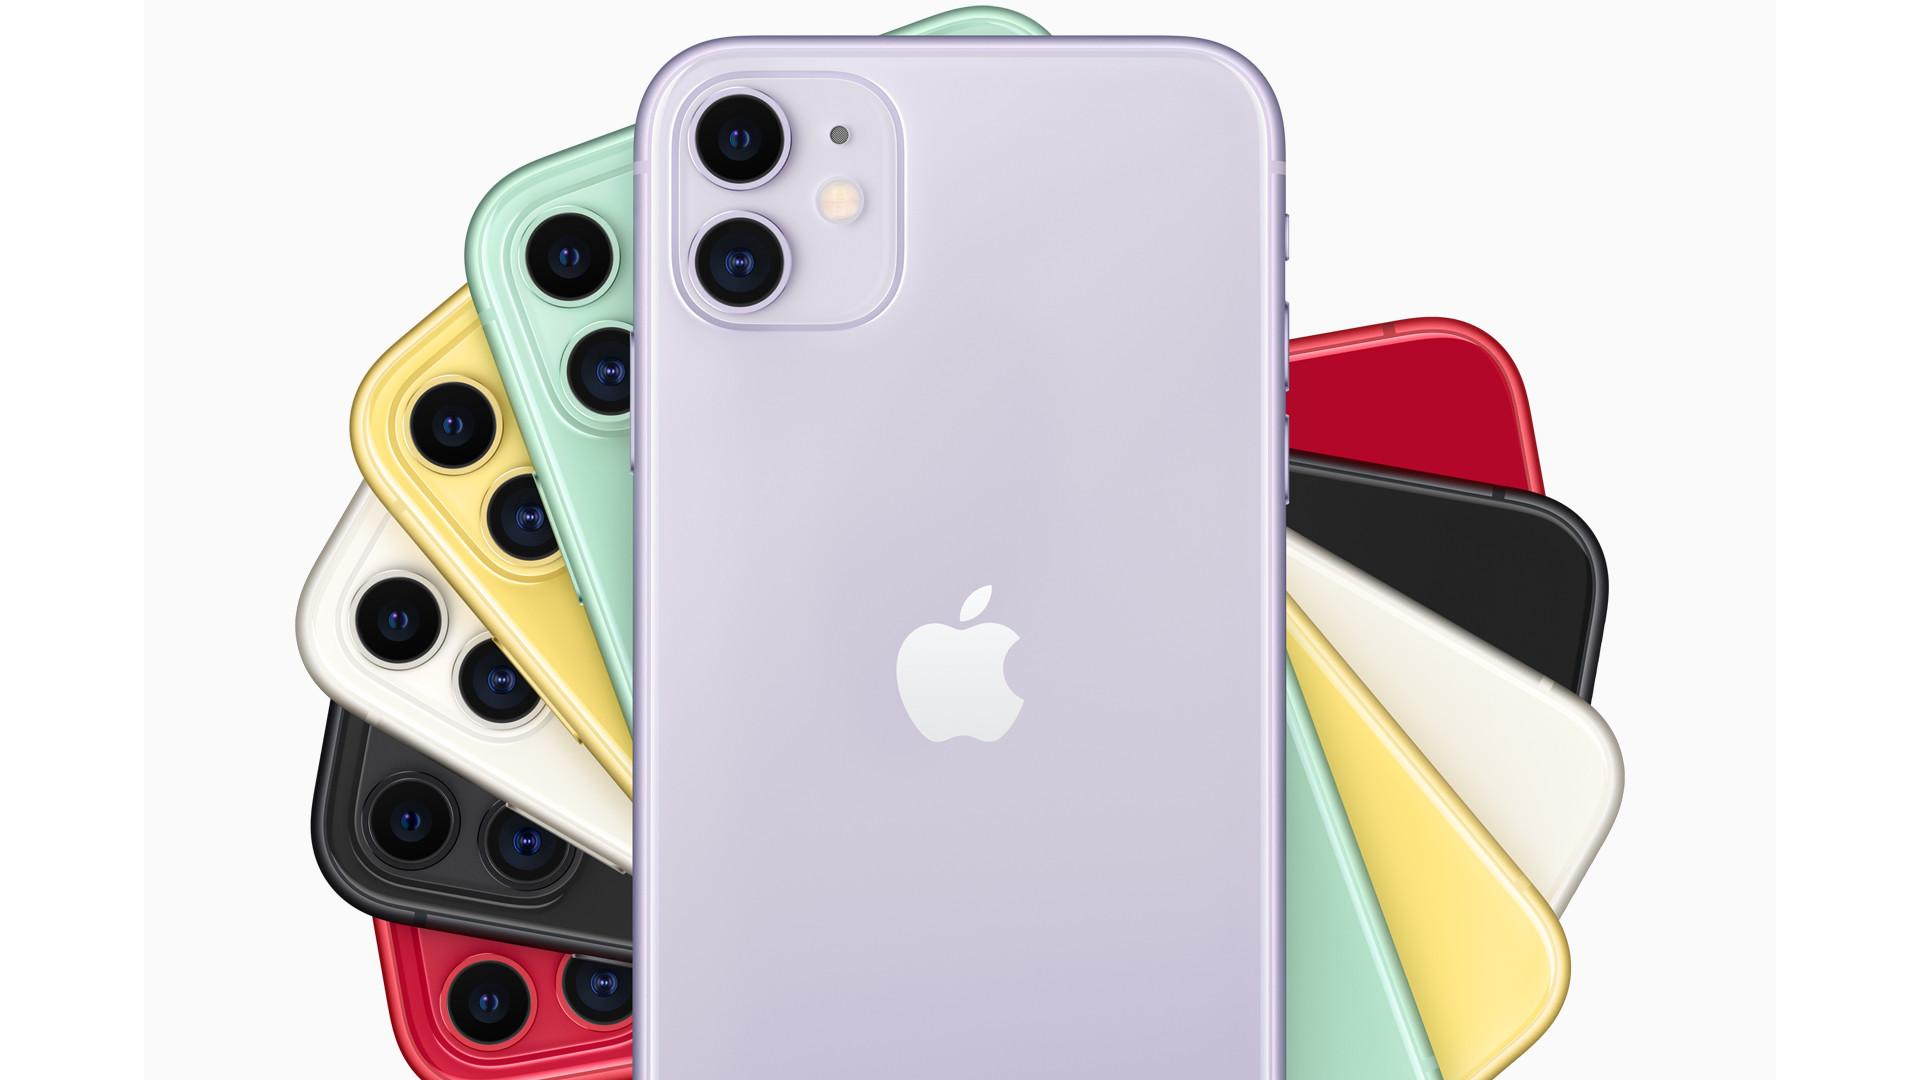 普及モデルのiPhone 11も2眼カメラに